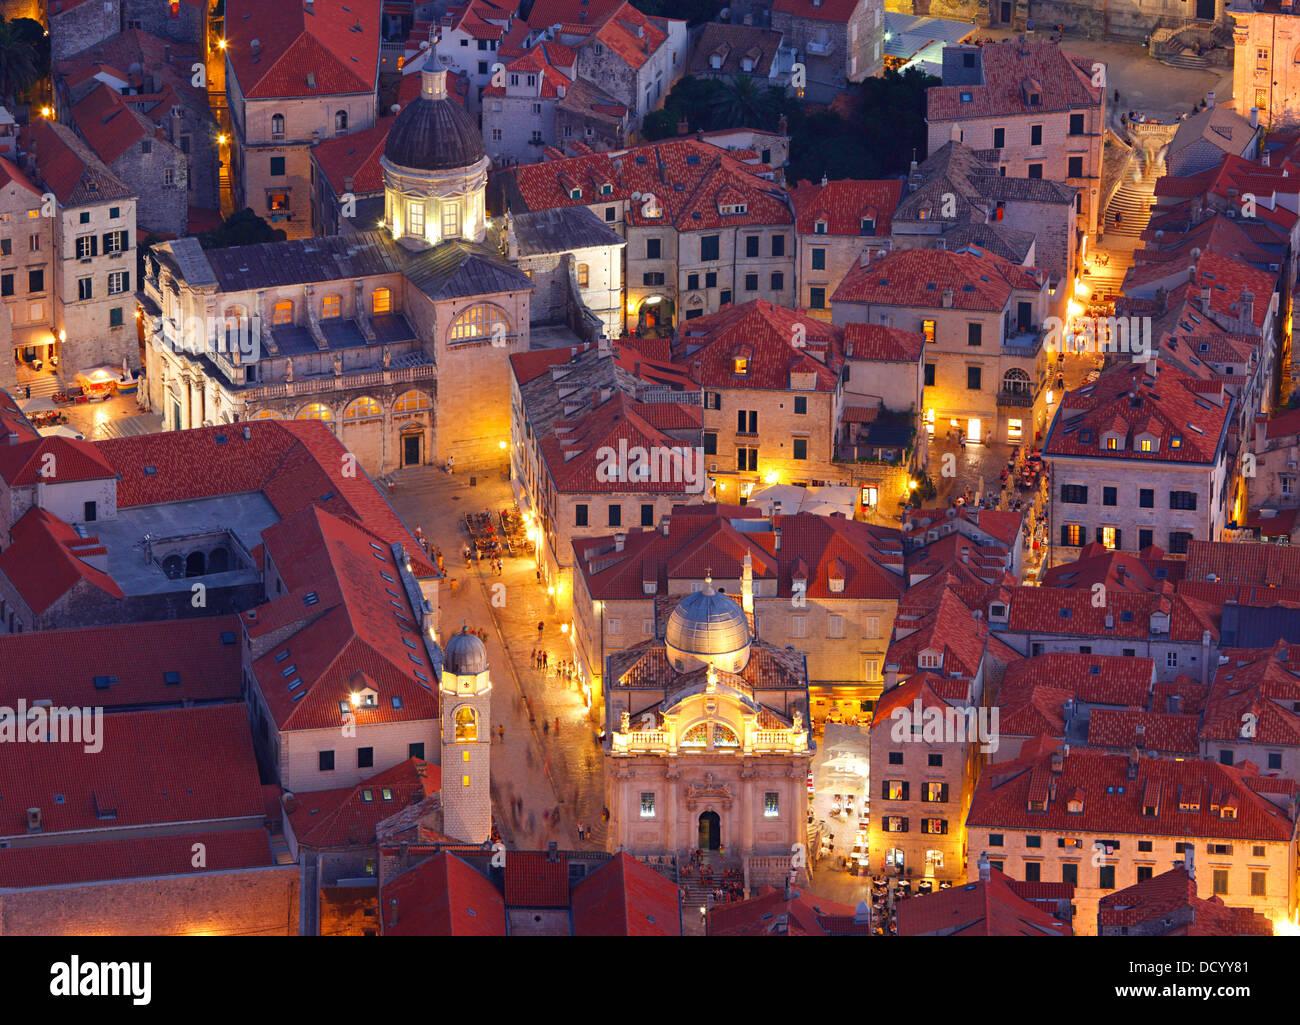 Dubrovnik, Croacia. La Plaza Luza y la Catedral de la Asunción de la Virgen María. Foto de stock